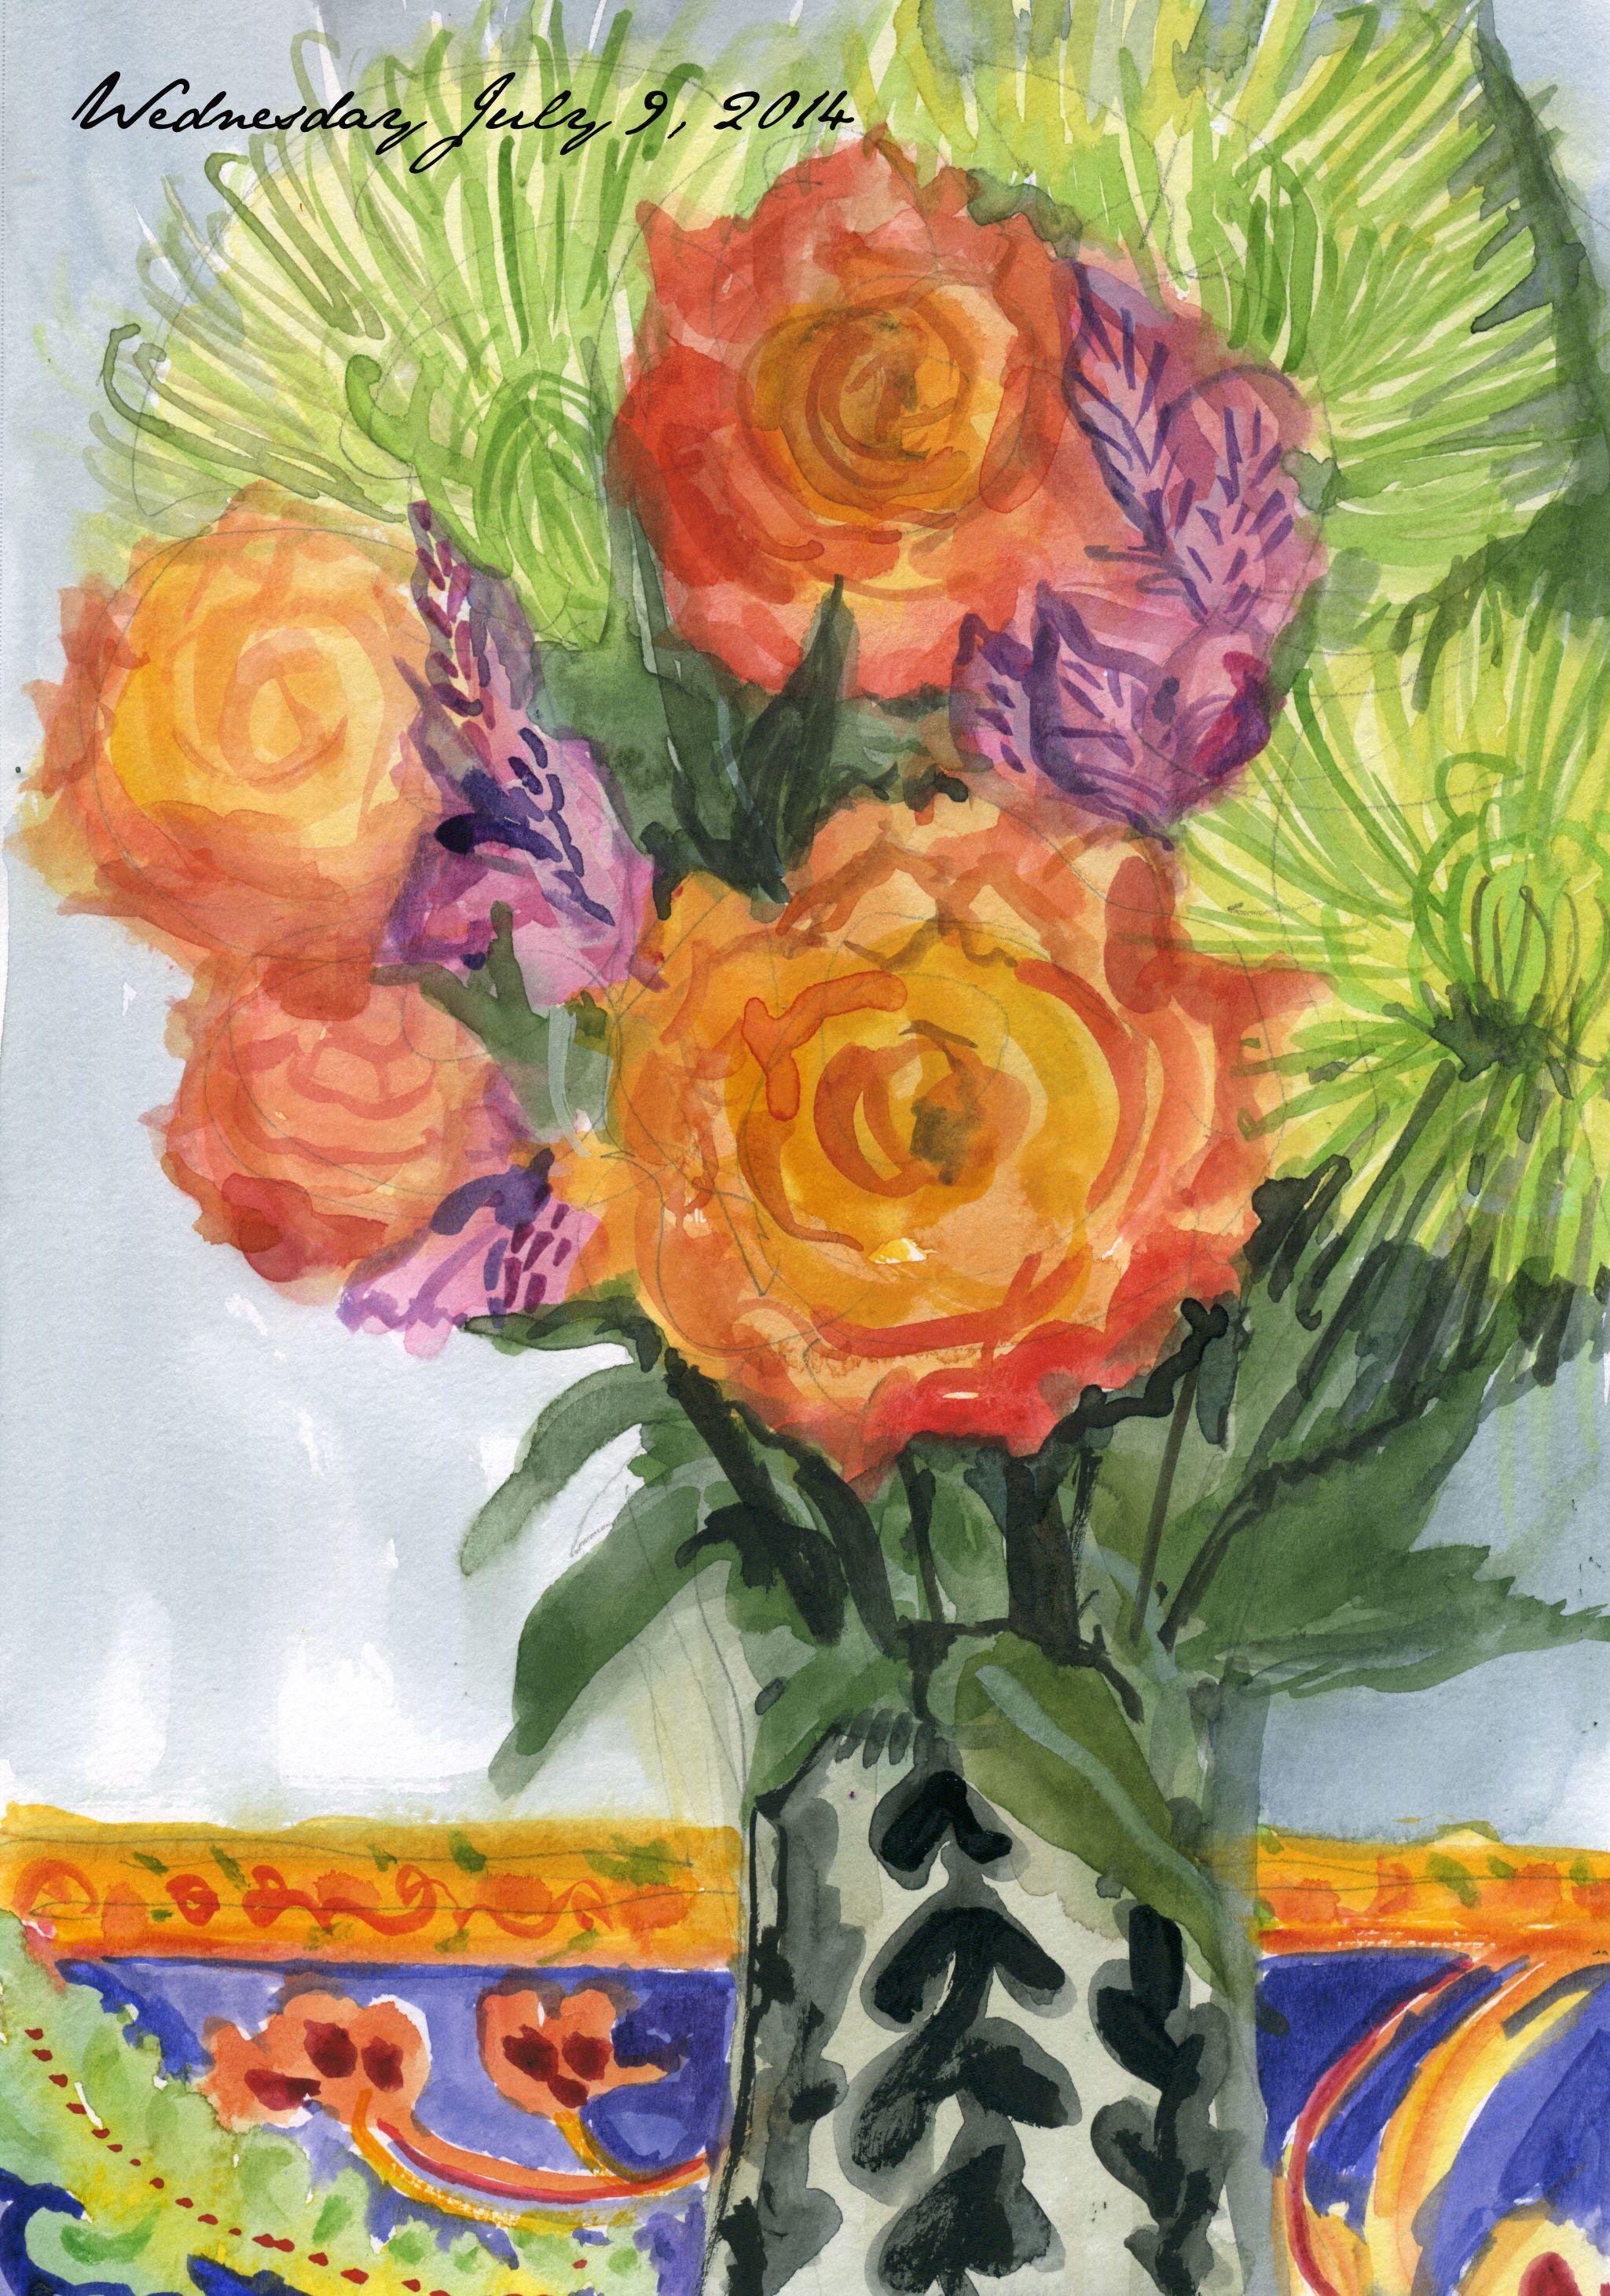 My journal 7-9-14 Julie Powell